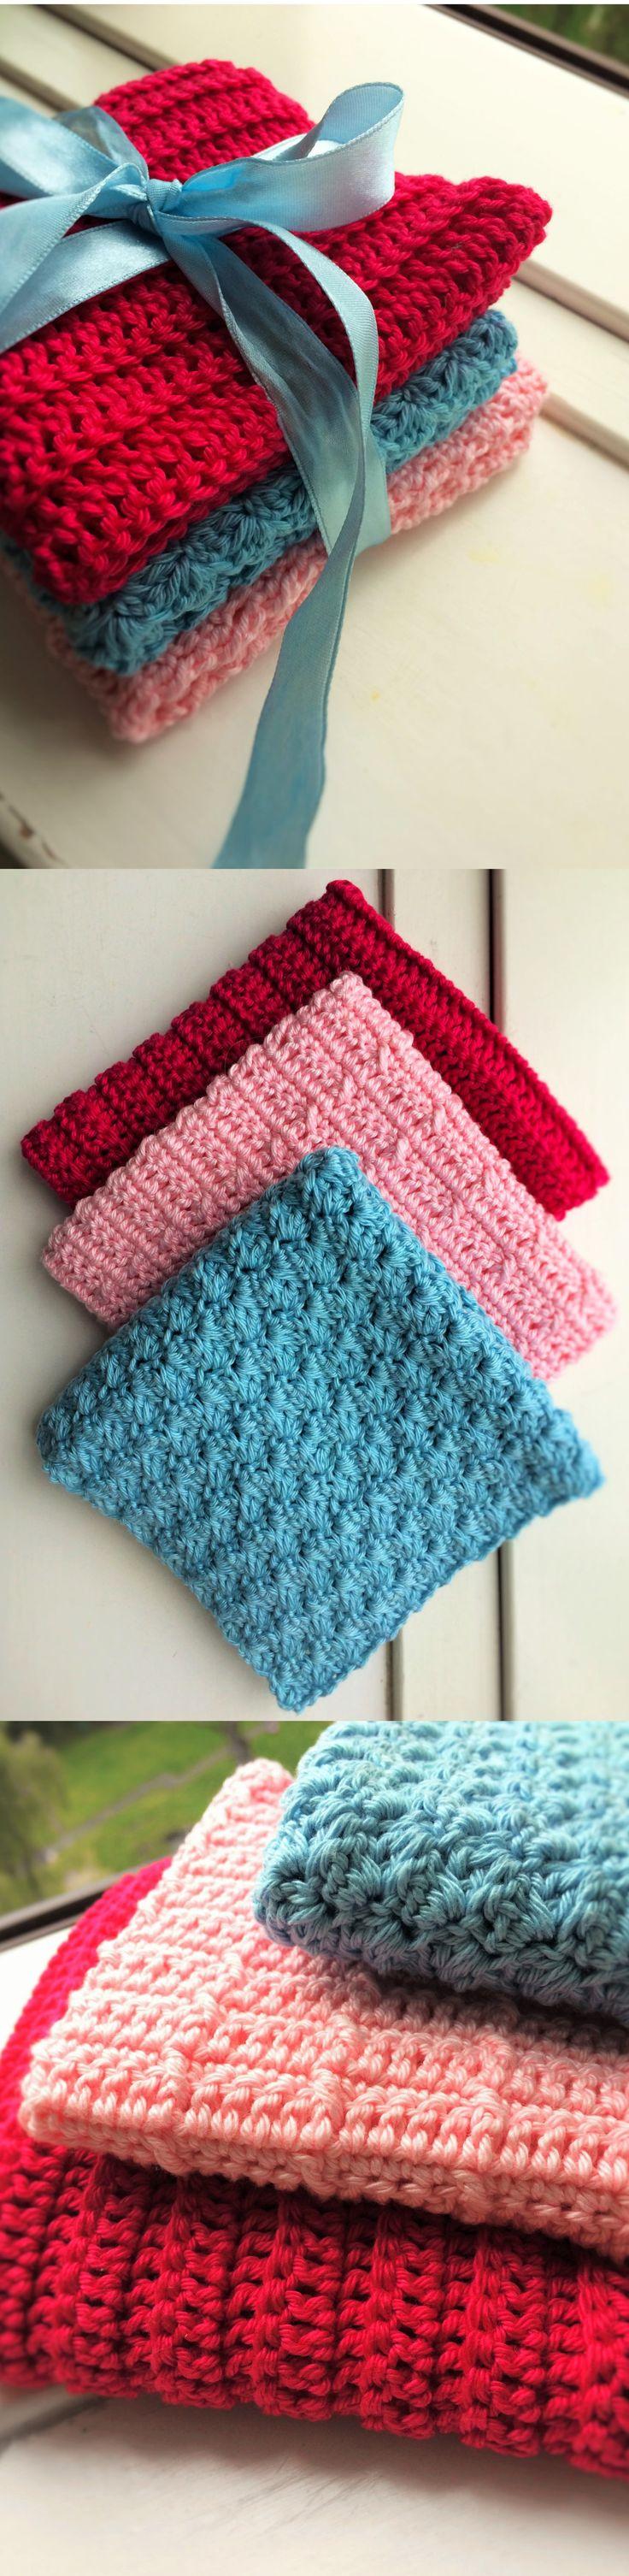 702 besten Knitting & Crocheting Bilder auf Pinterest ...